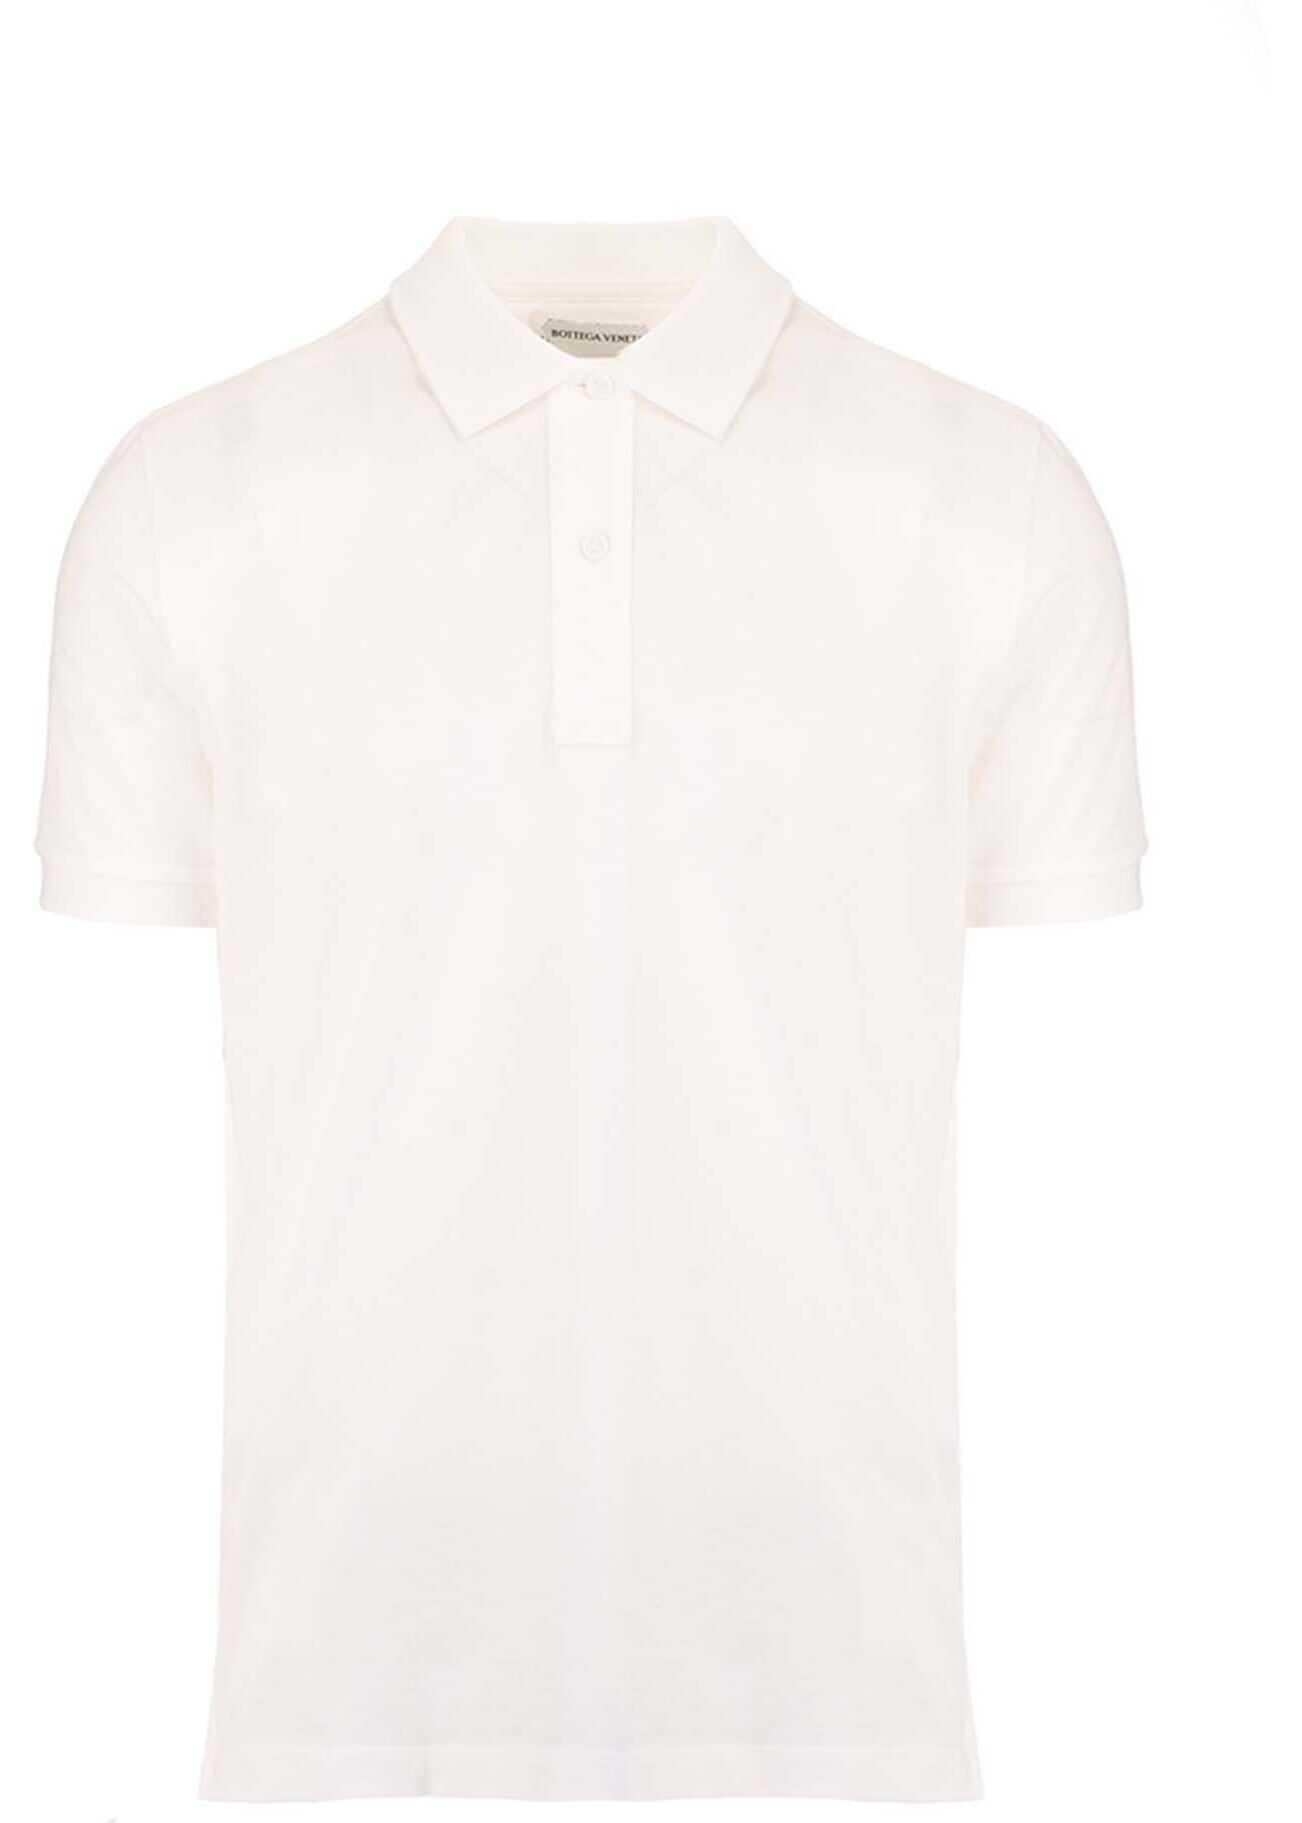 Bottega Veneta Cotton Polo Shirt In White White imagine